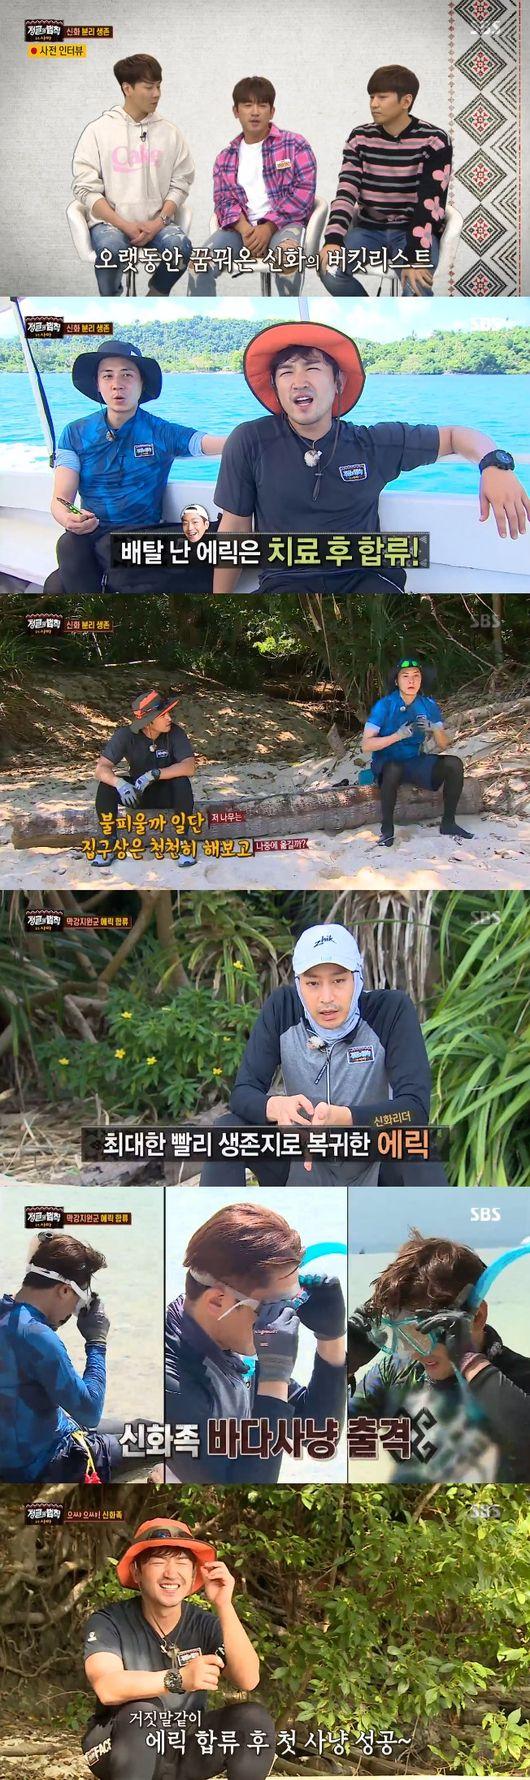 '정글' 신화 에릭X민우X앤디, 함께하니 더욱 빛난 환상 호흡 [어저께TV]